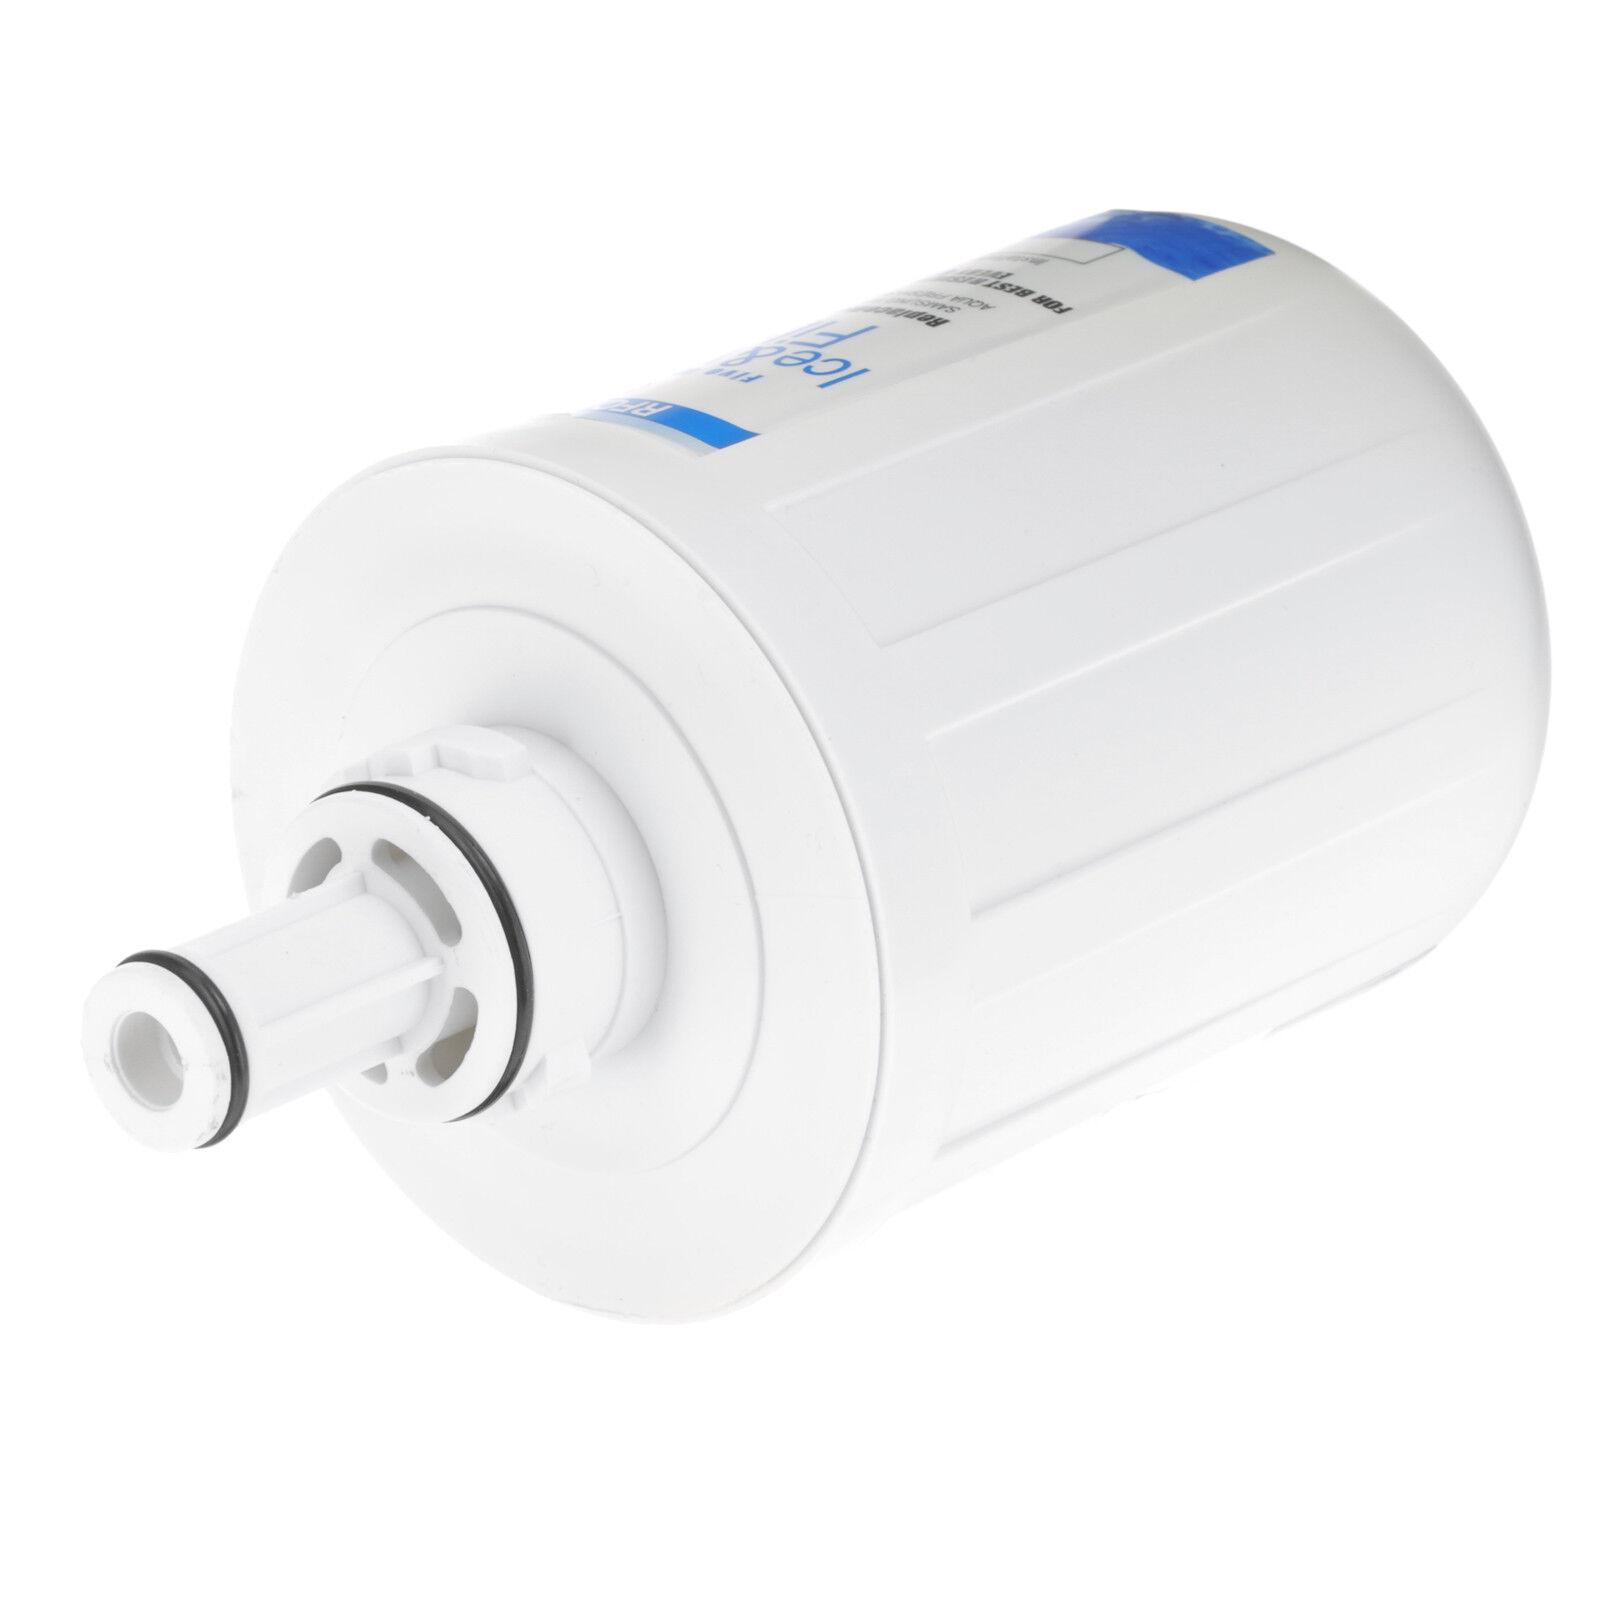 2x Al093f Filtro De Nevera Compatible Para Samsung Aqua-pure Da29-00003f Electrodomésticos